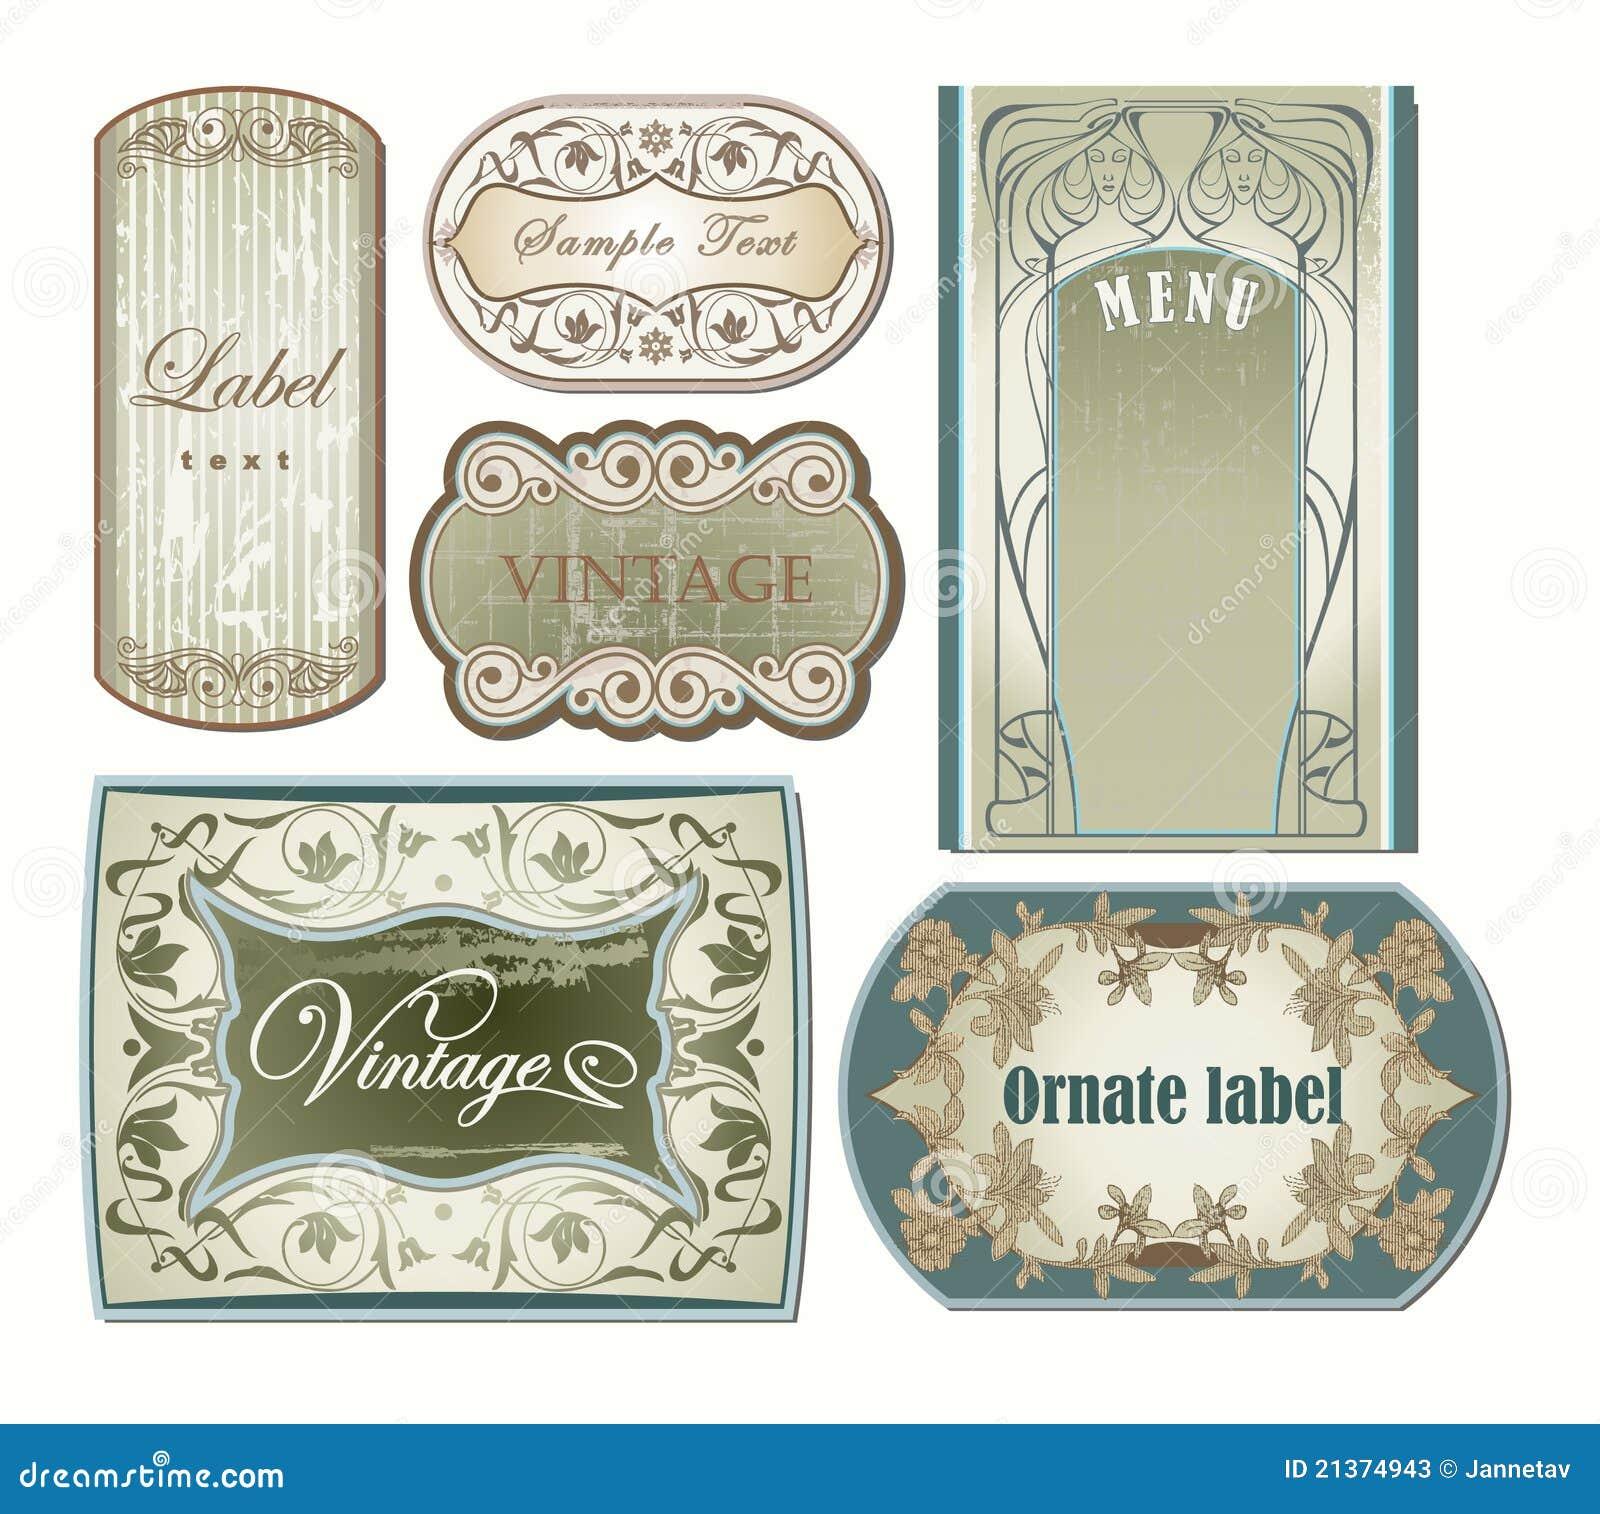 Blank Vintage Label Template Set of ornate vintage labels